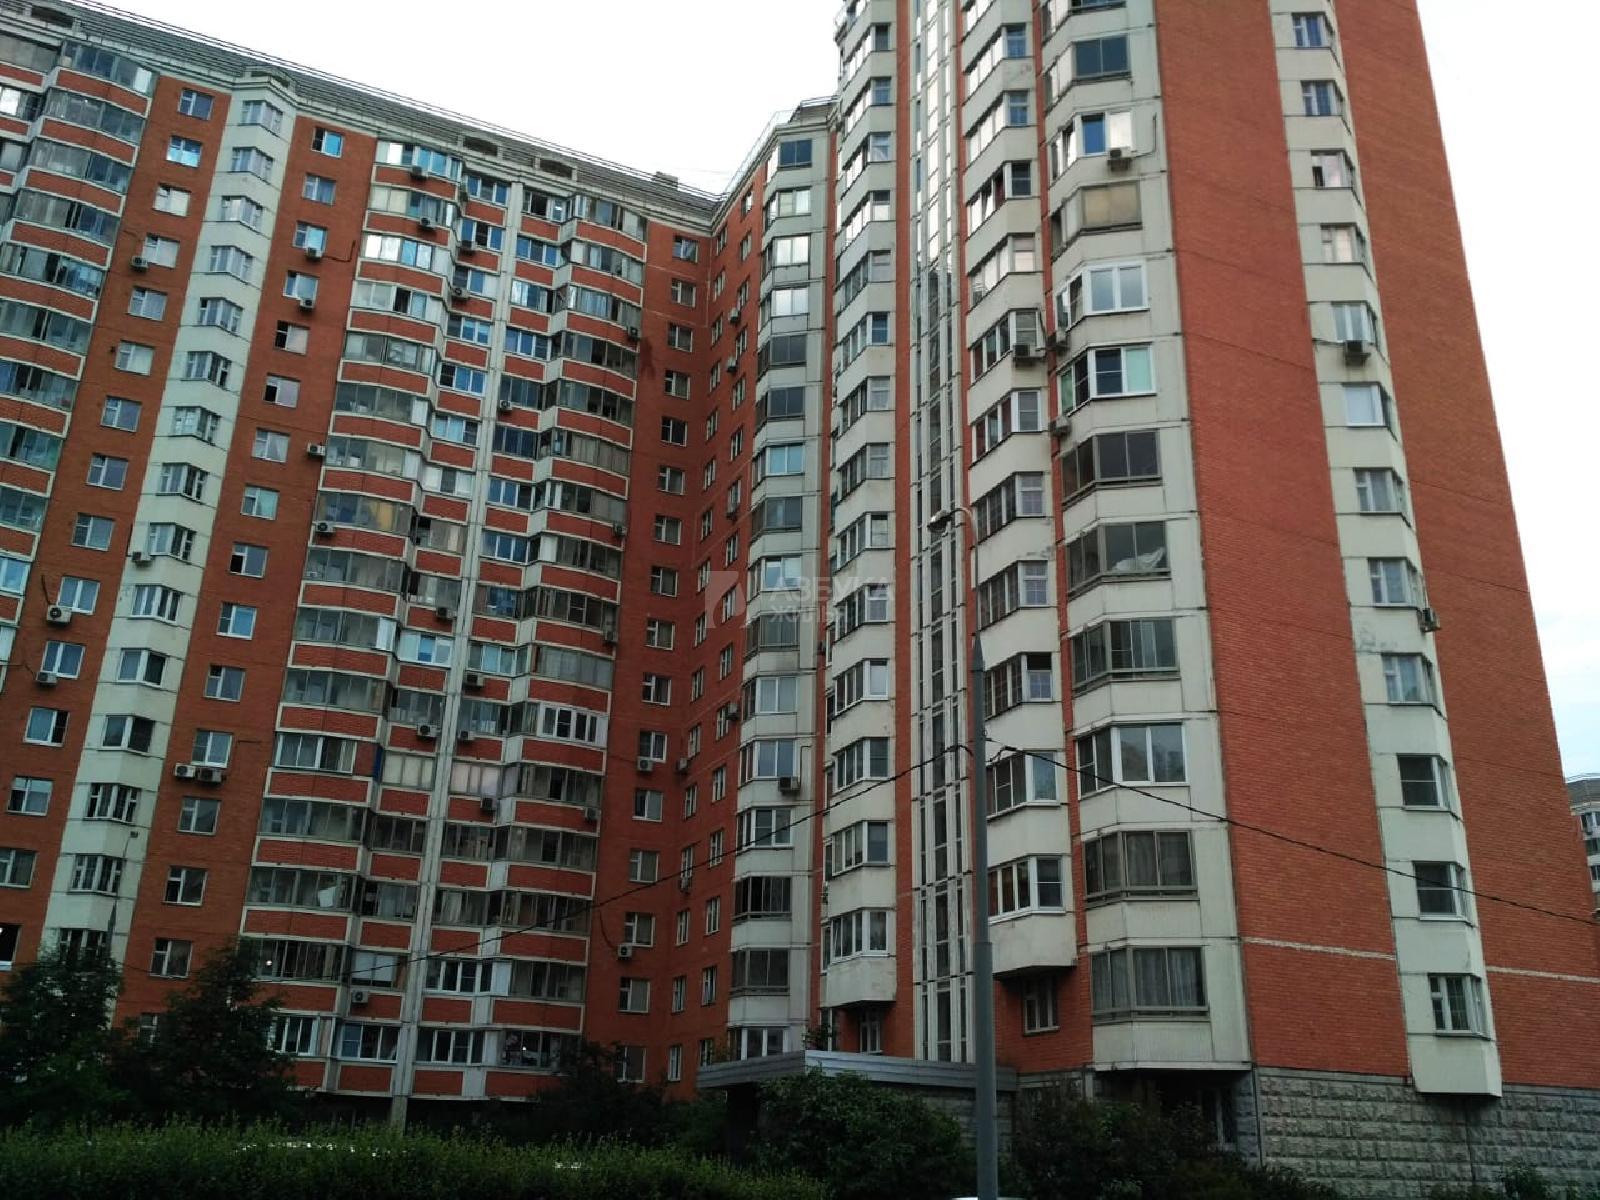 Фото №2 - 2-комнатная квартира, Москва, Краснодарская улица 72 корпус 3, метро Люблино